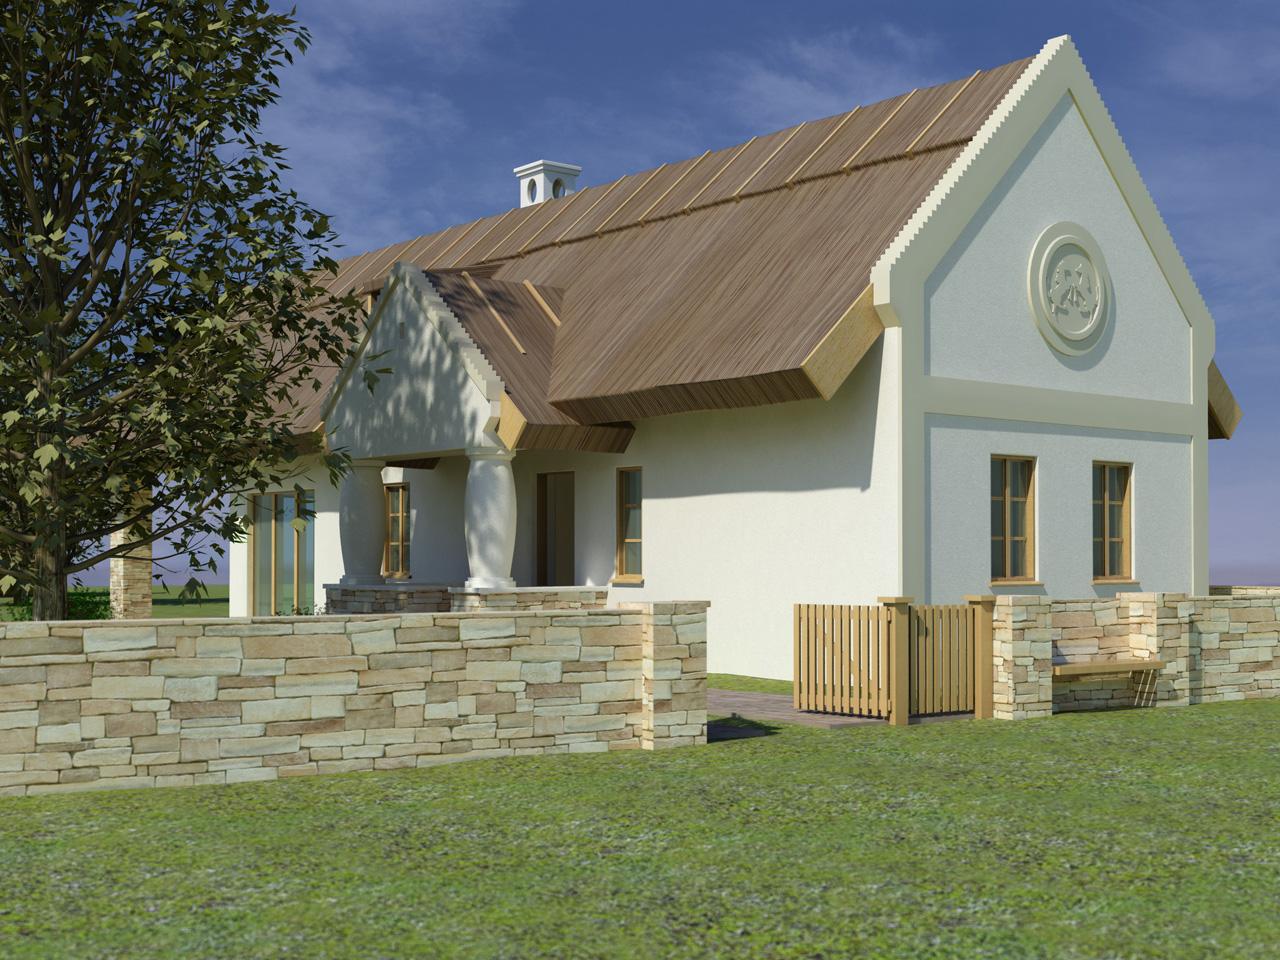 Salföld, Parasztház - Farmhouse at Salföld, Hungary   Mark Seljan